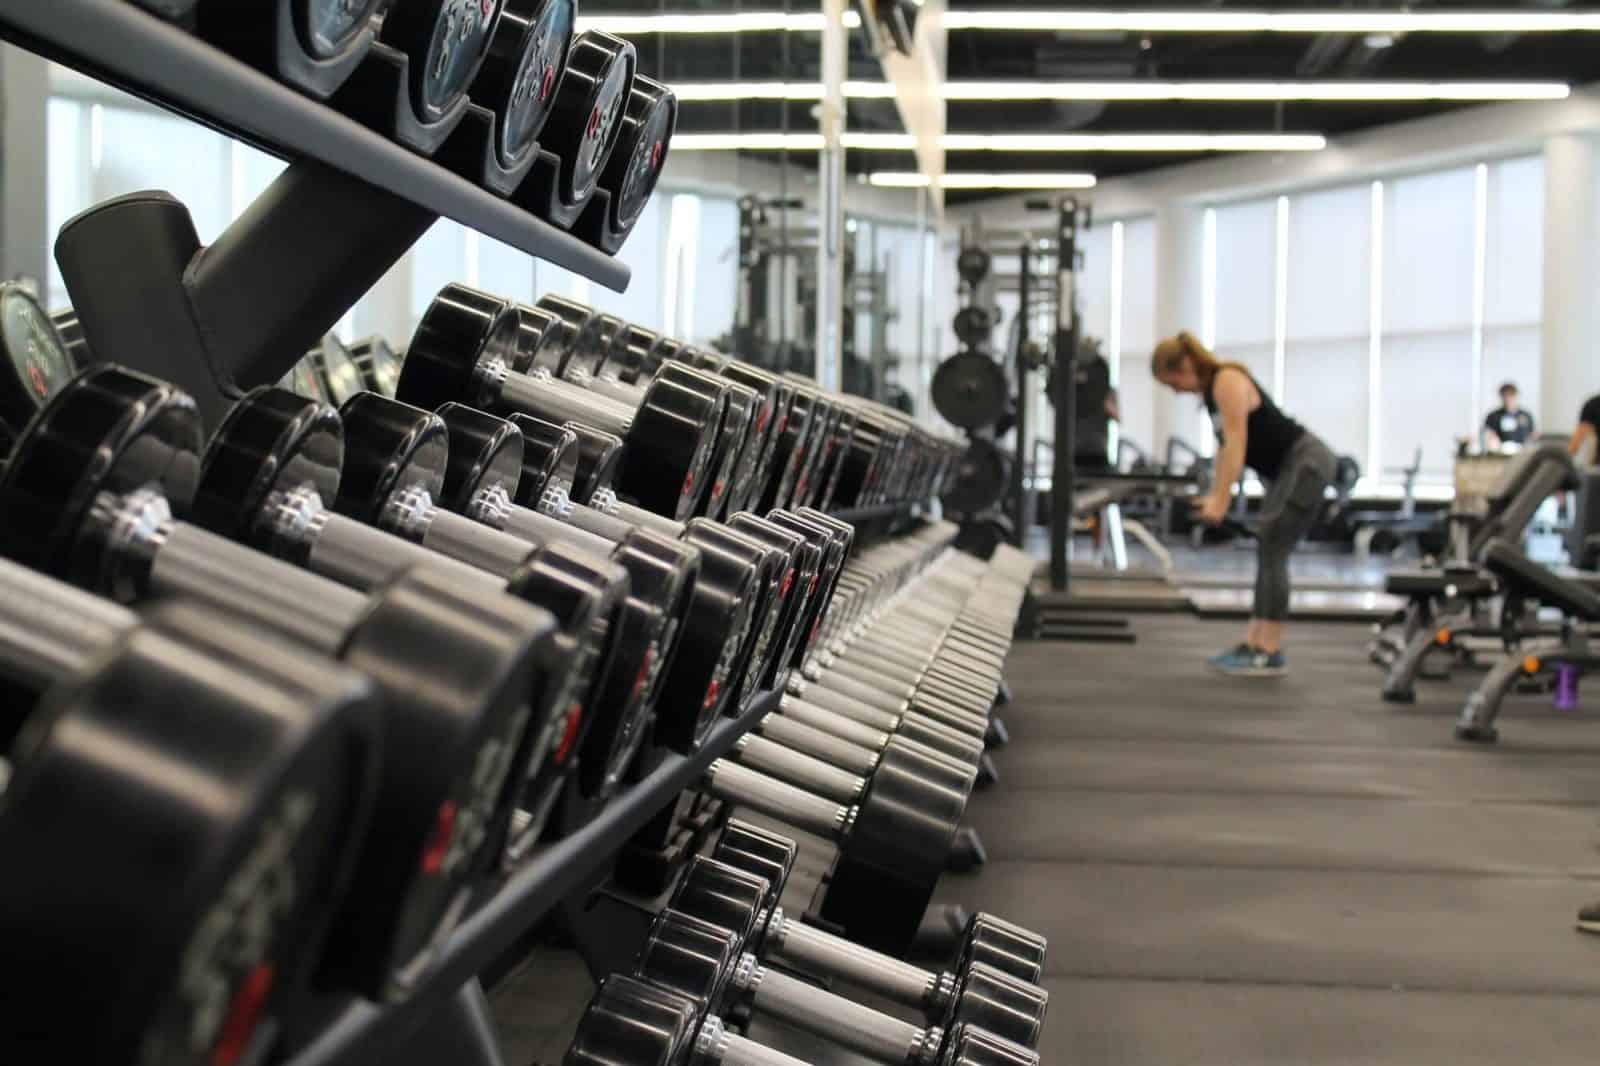 【台北單次健身房推薦】7間台北計次計時健身房大評比